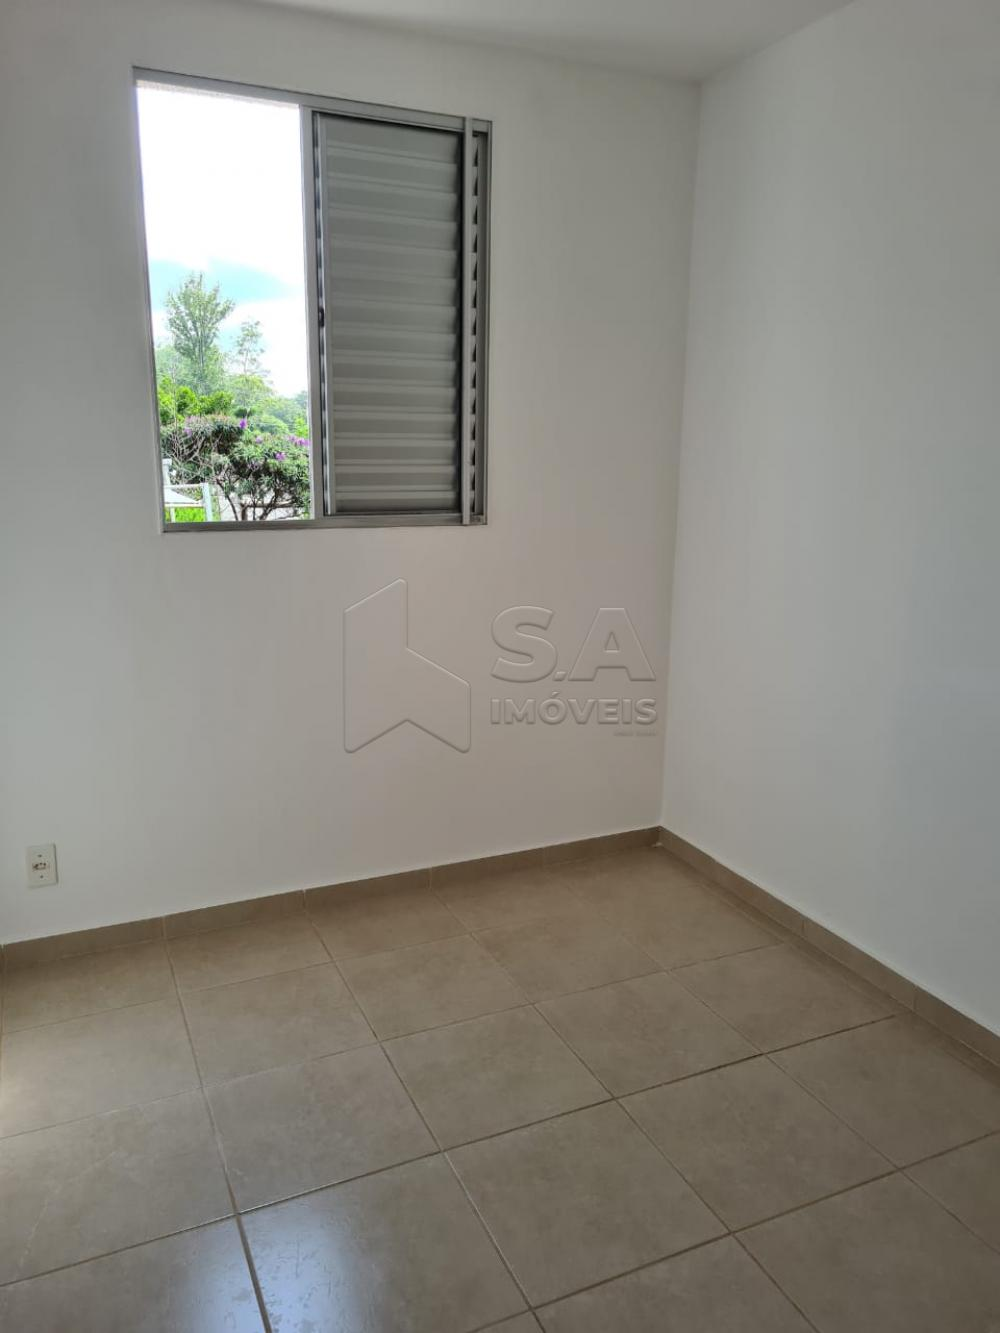 Comprar Apartamento / Padrão em Botucatu R$ 145.000,00 - Foto 9